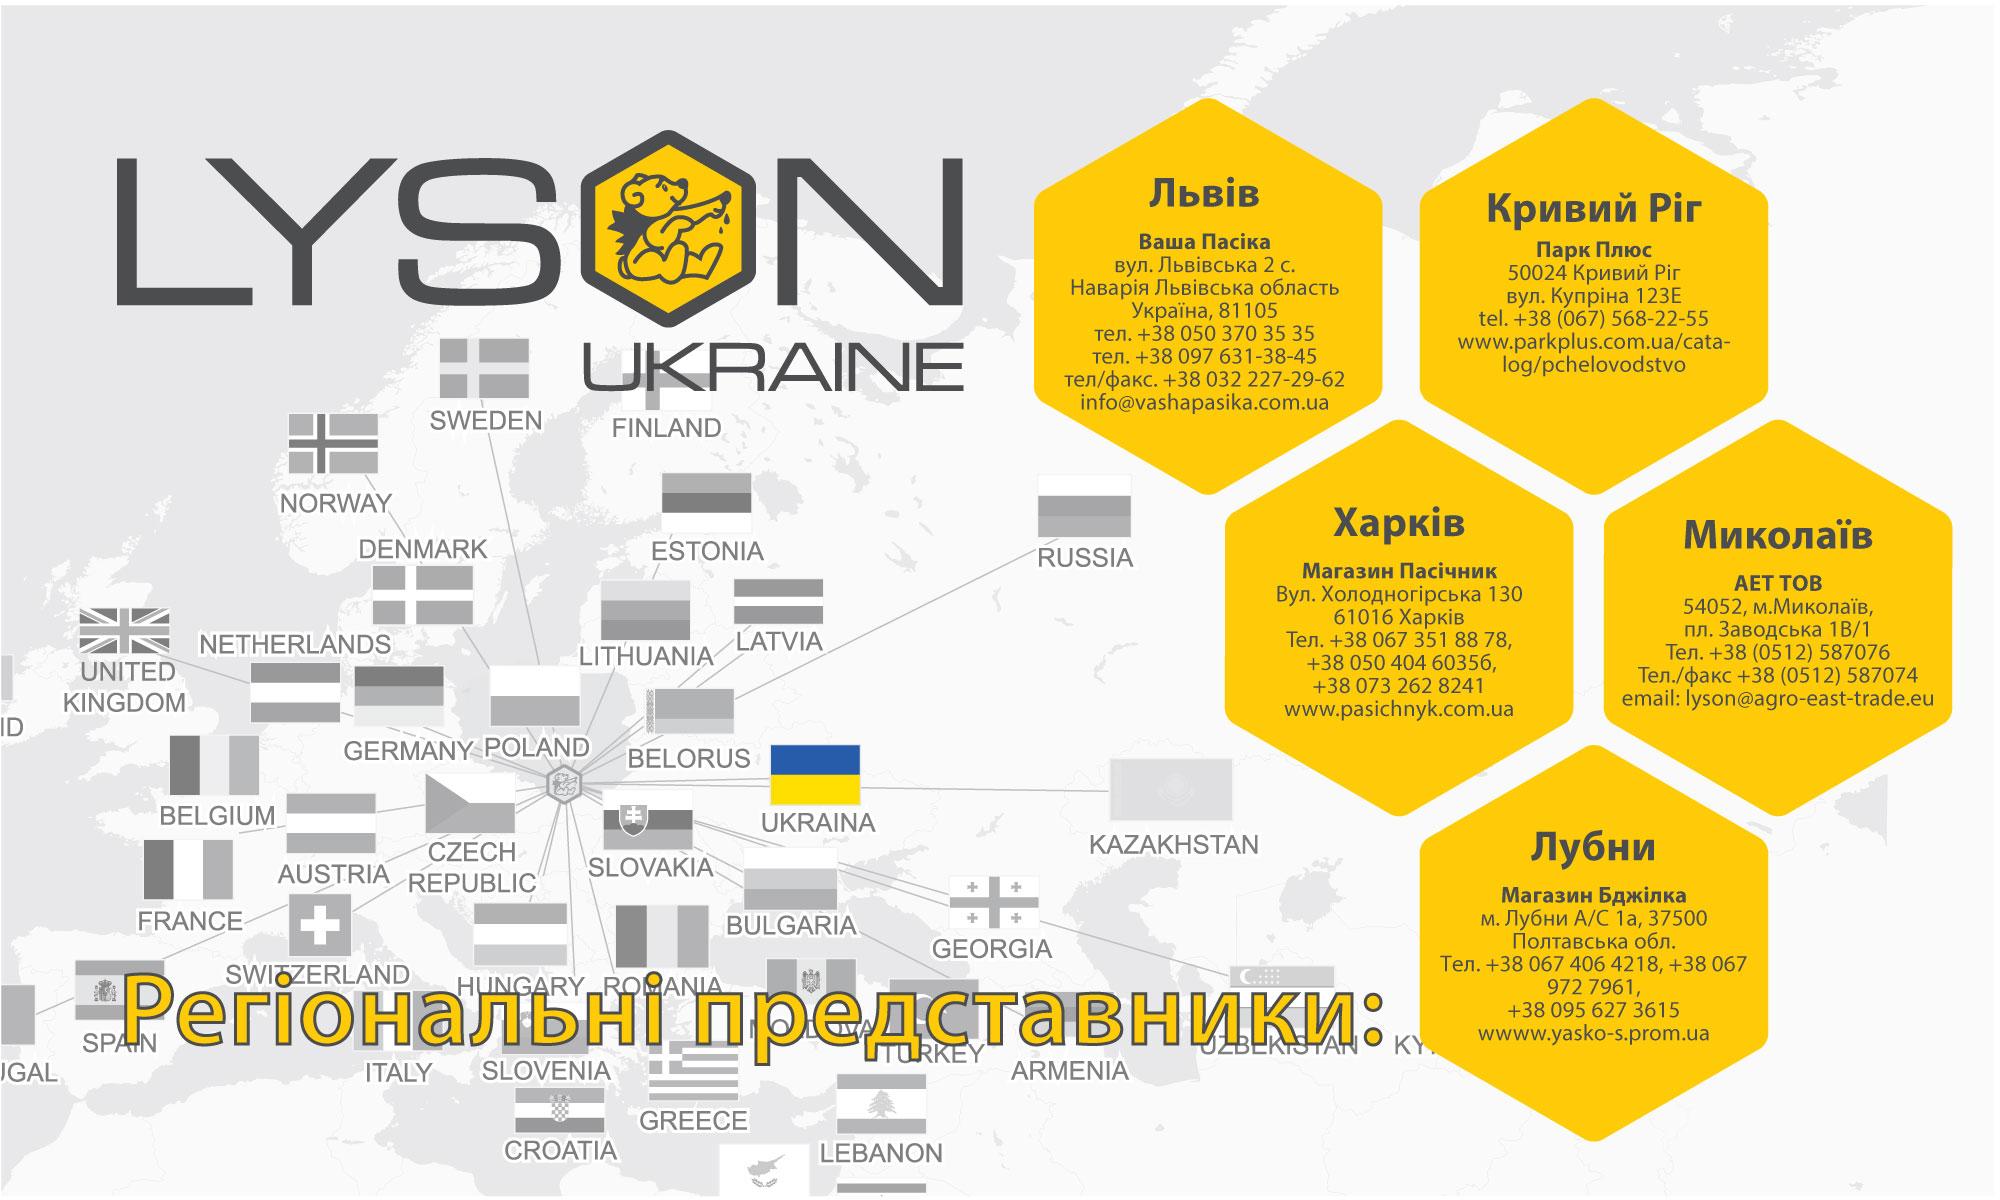 banner-ukraine-charkow-2019